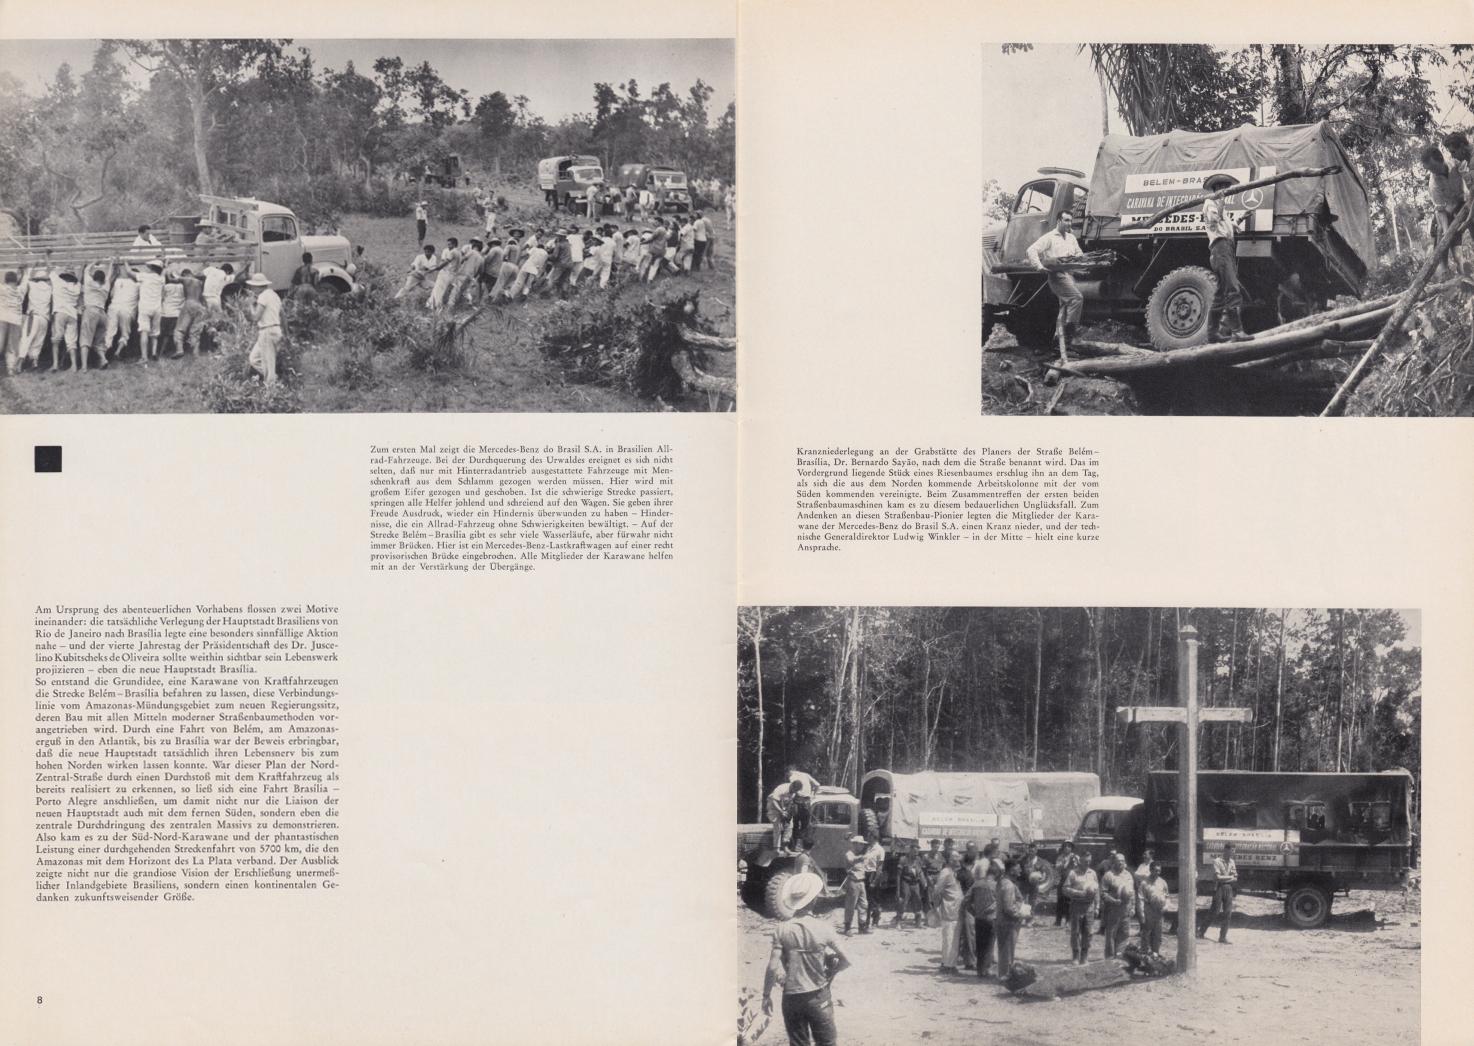 (REVISTA): Periódico In aller welt n.º 42 - Mercedes-Benz no mundo - 1960 - multilingue - com imagens do Brasil e construção de Brasília 005